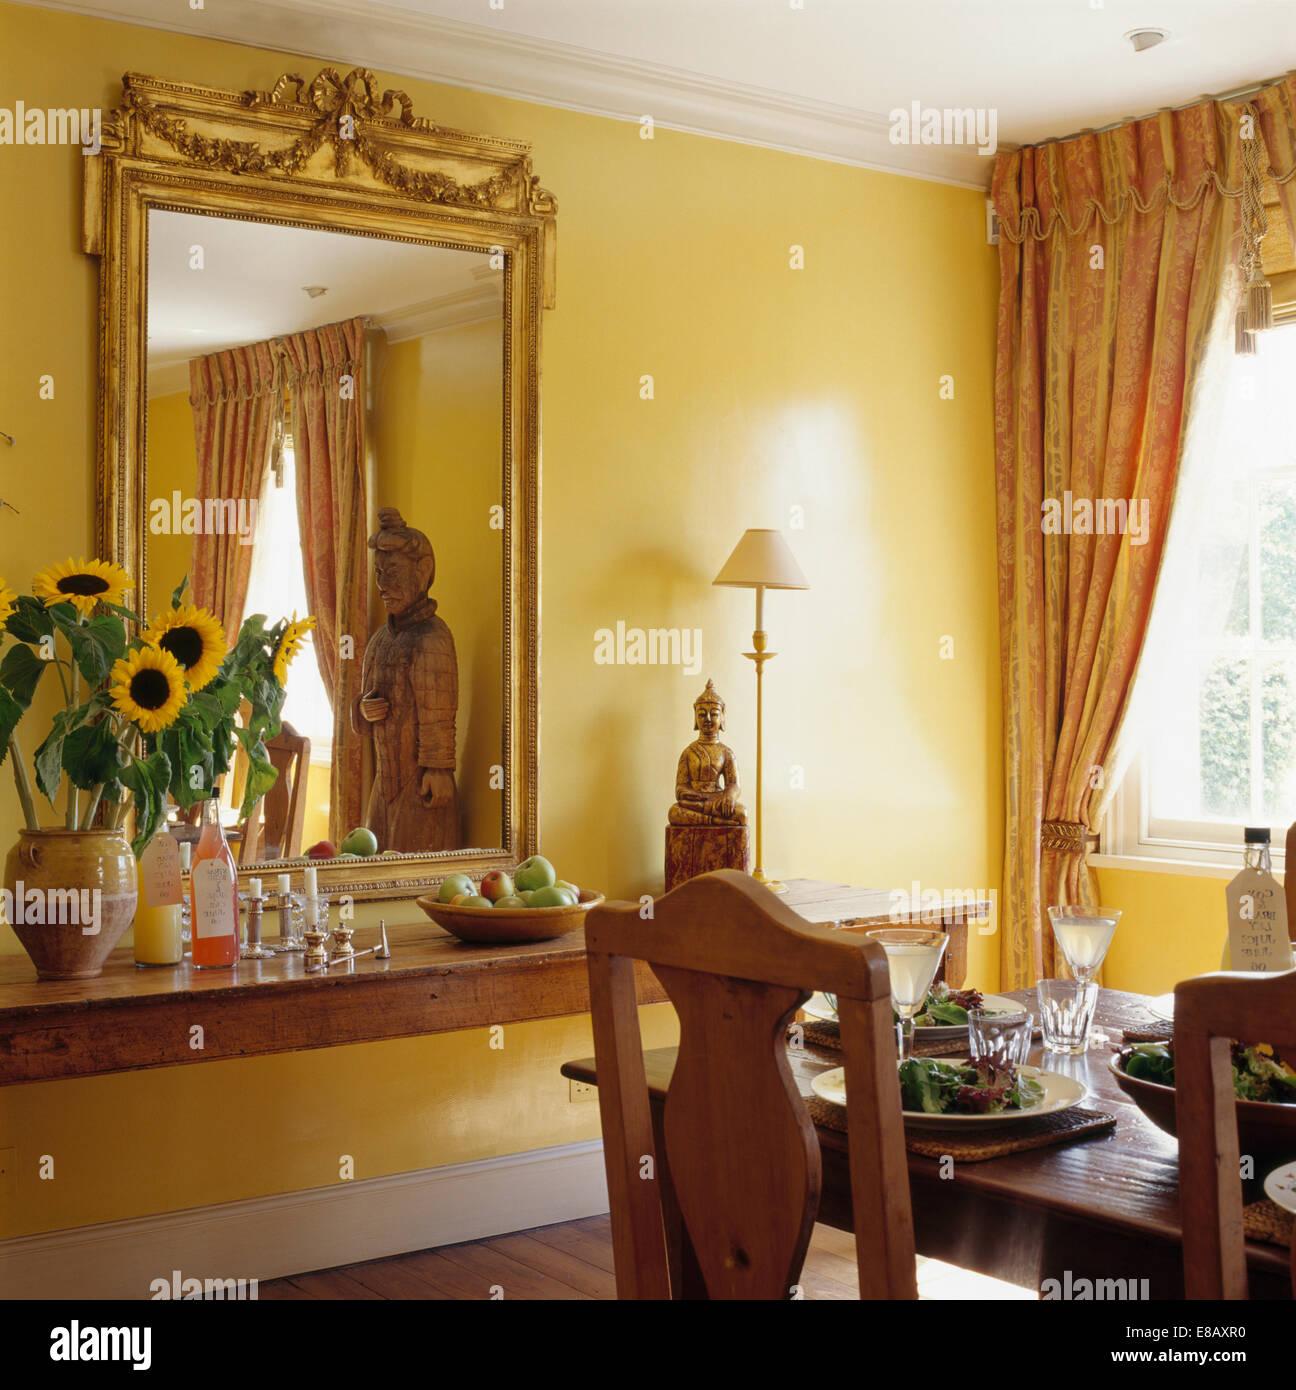 Tisch mit spiegel free tisch mit spiegel best of spiegel tisch tisch spiegel diy pinterest with - Spiegel uber kommode ...